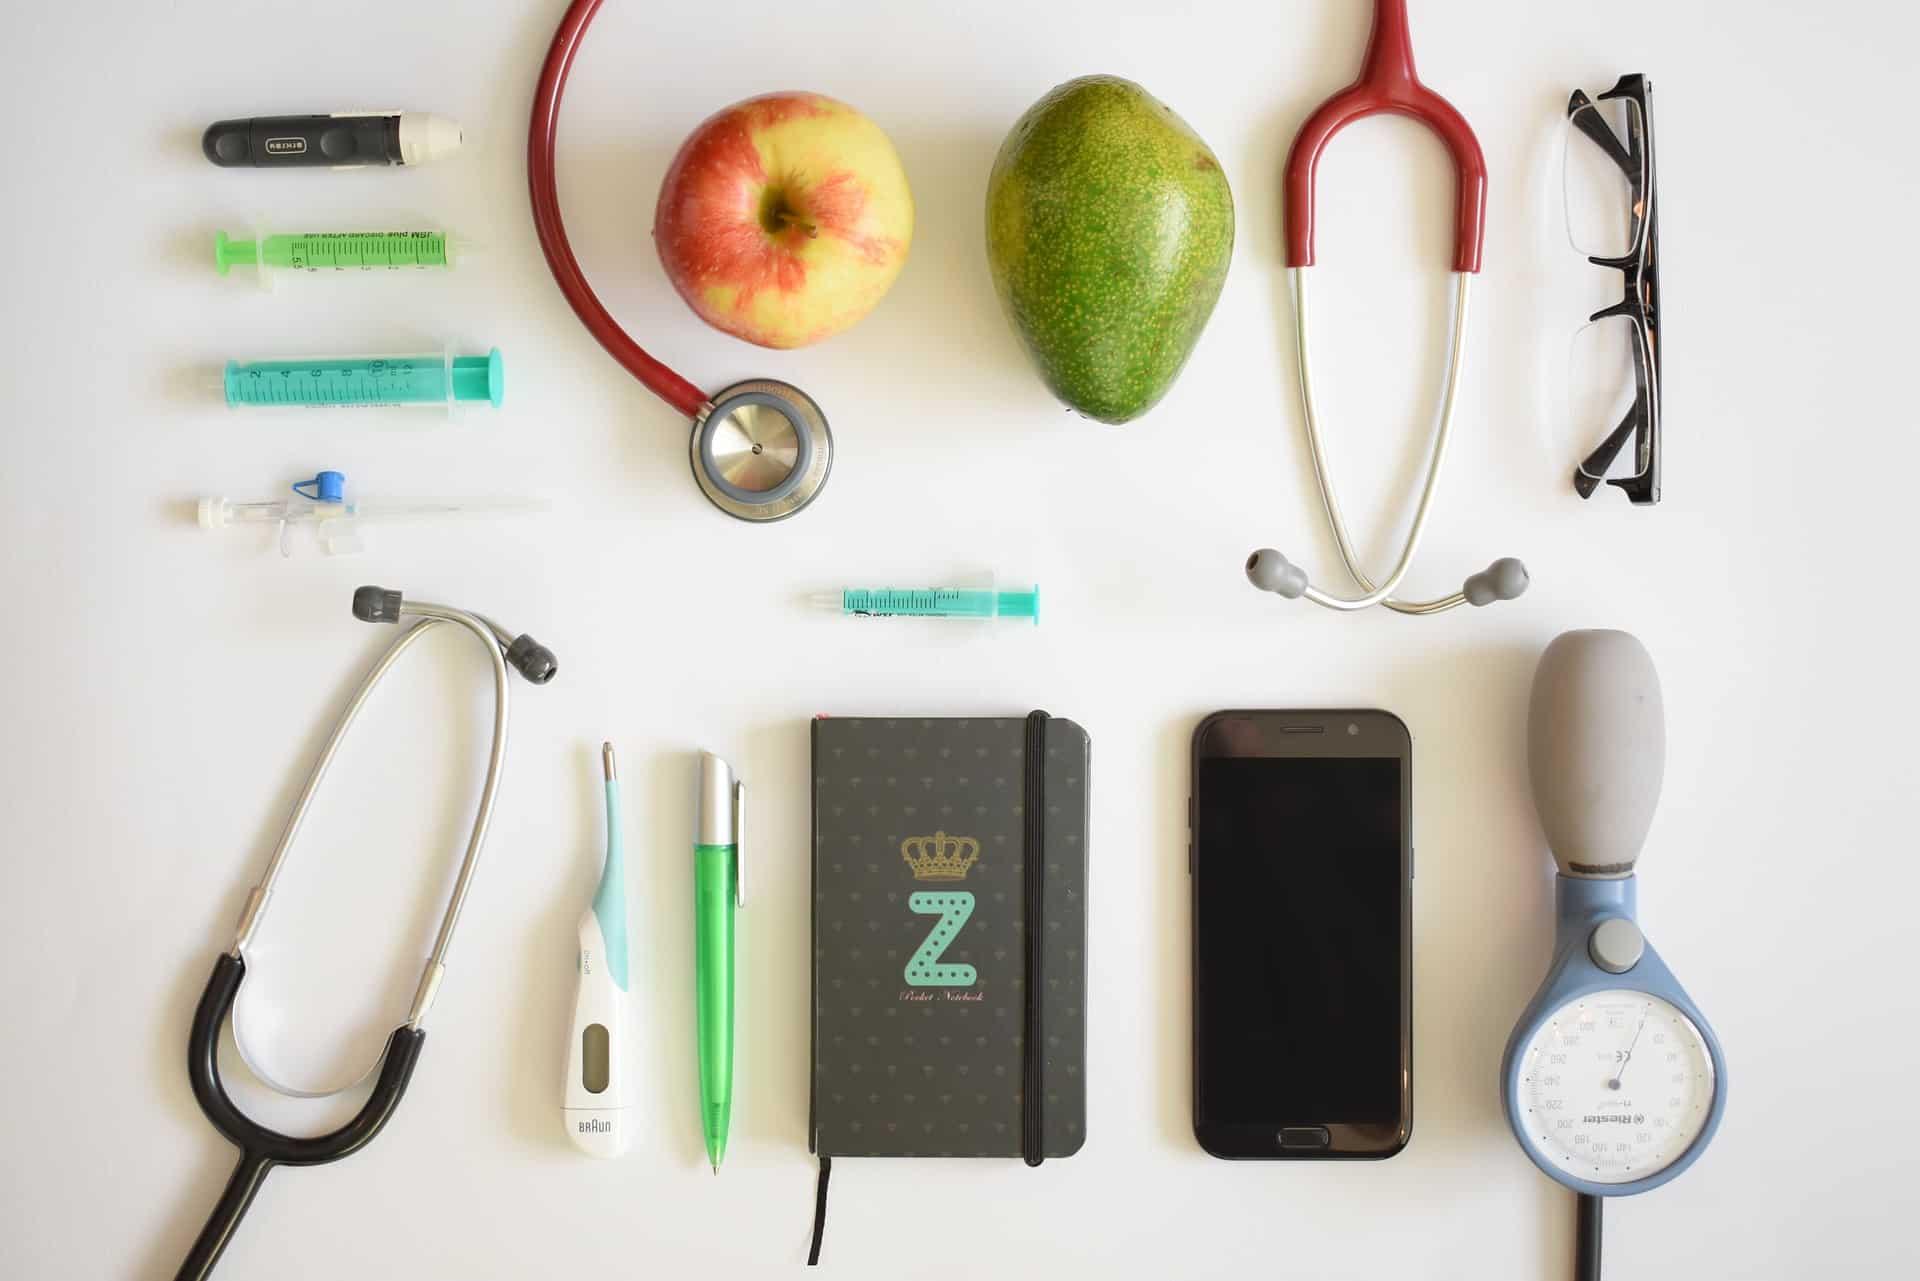 magas vérnyomás miatti késés a magas vérnyomás elleni tablettáktól köhögés mit kell tenni